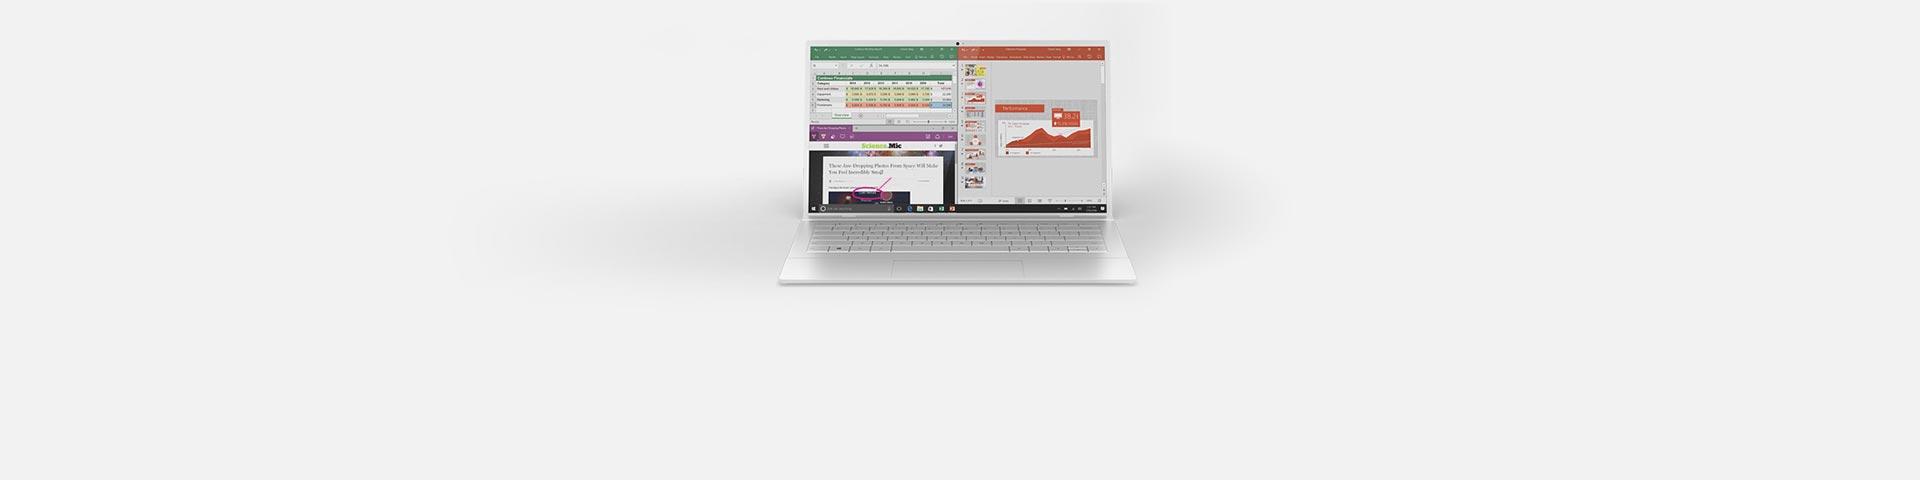 手提電腦畫面顯示 Office Apps。